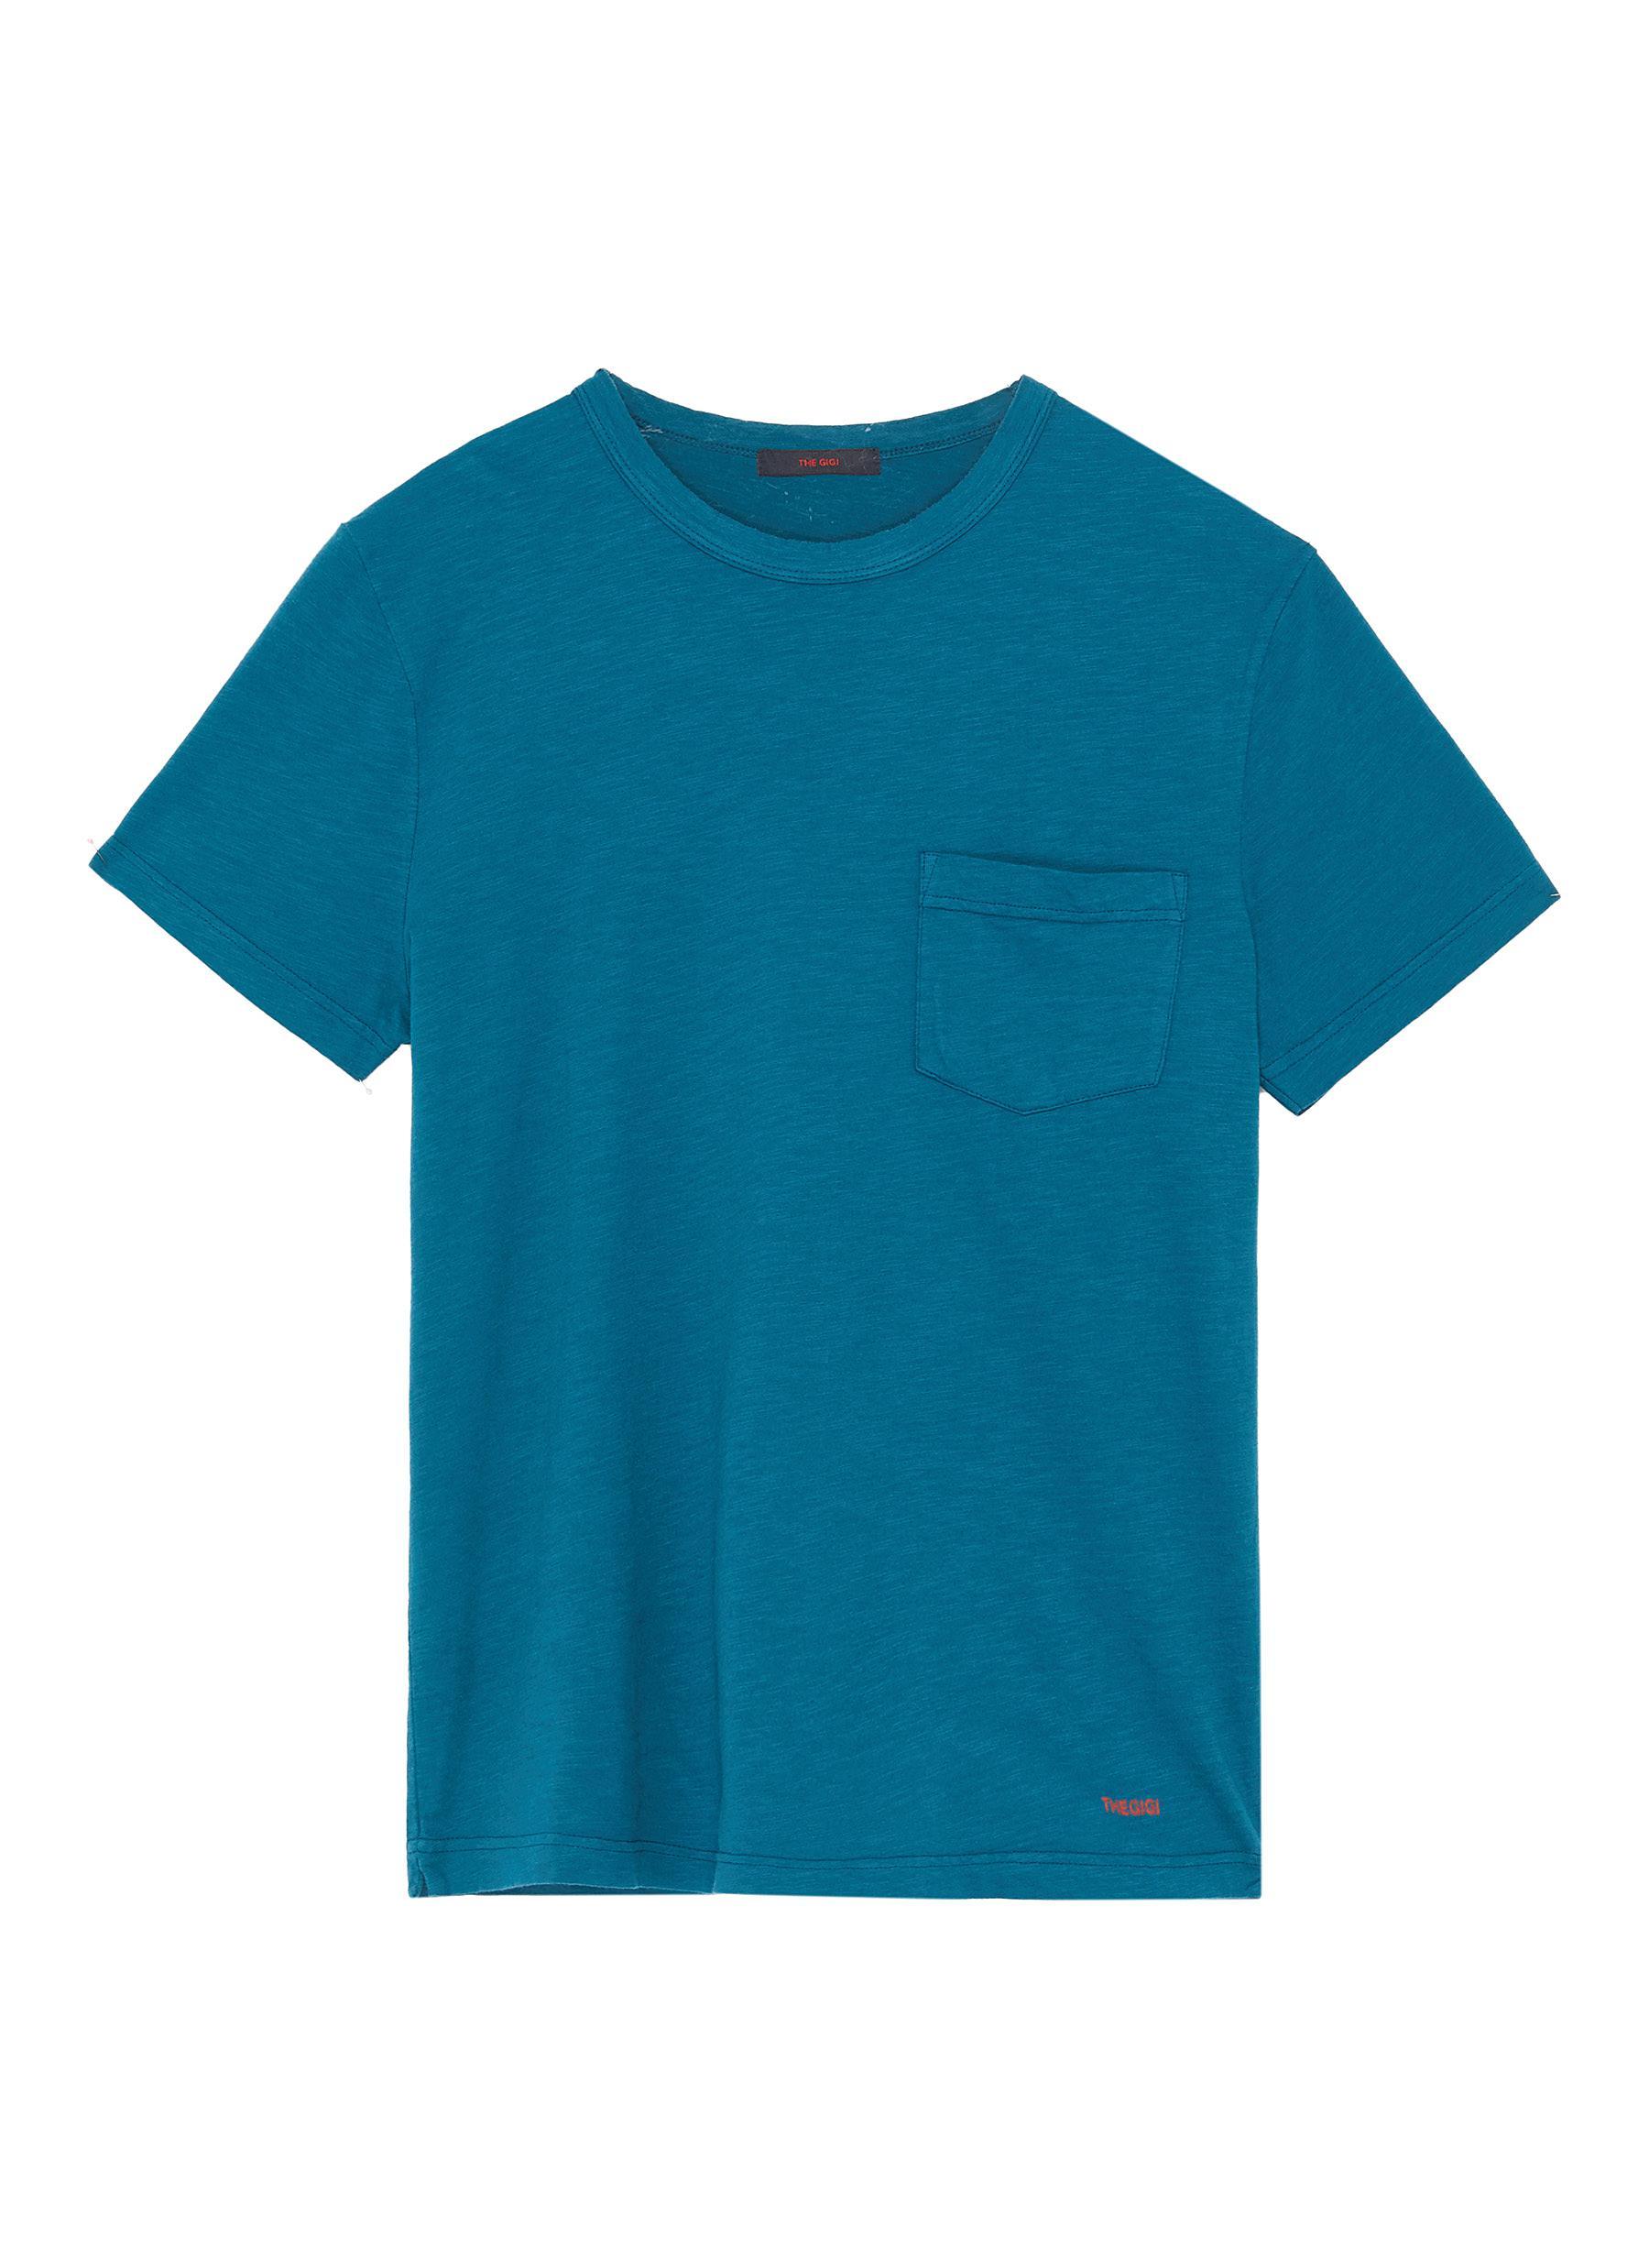 Chest pocket T-shirt - THE GIGI - Modalova